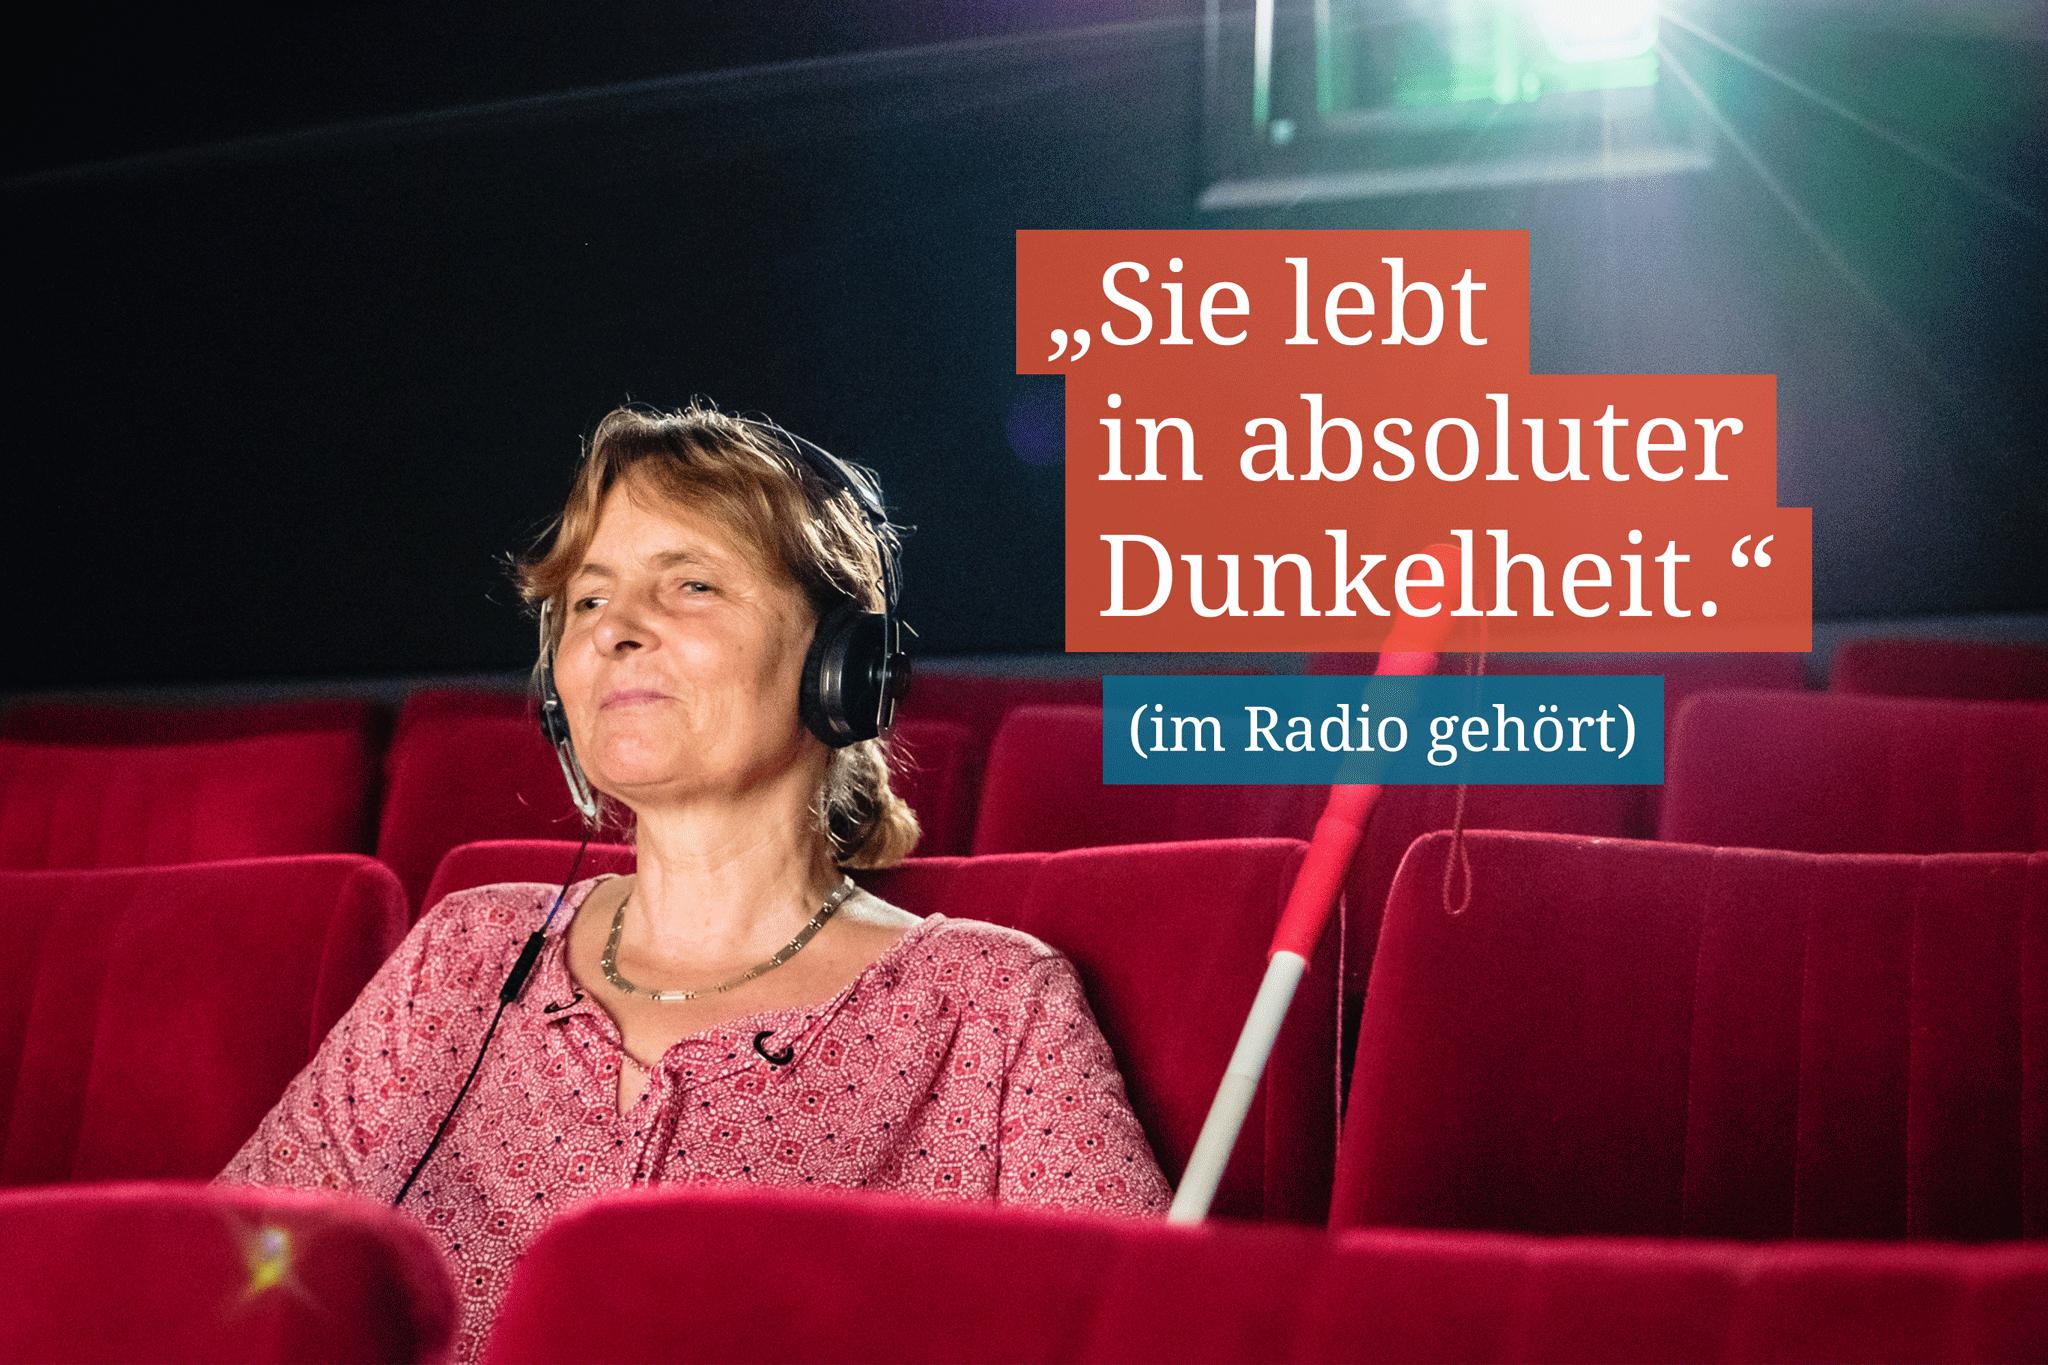 """Eine Frau mit einem Langstock sitzt in einem Kinosaal. Auf einem Text steht: """"Sie lebt in absoluter Dunkelheit."""""""